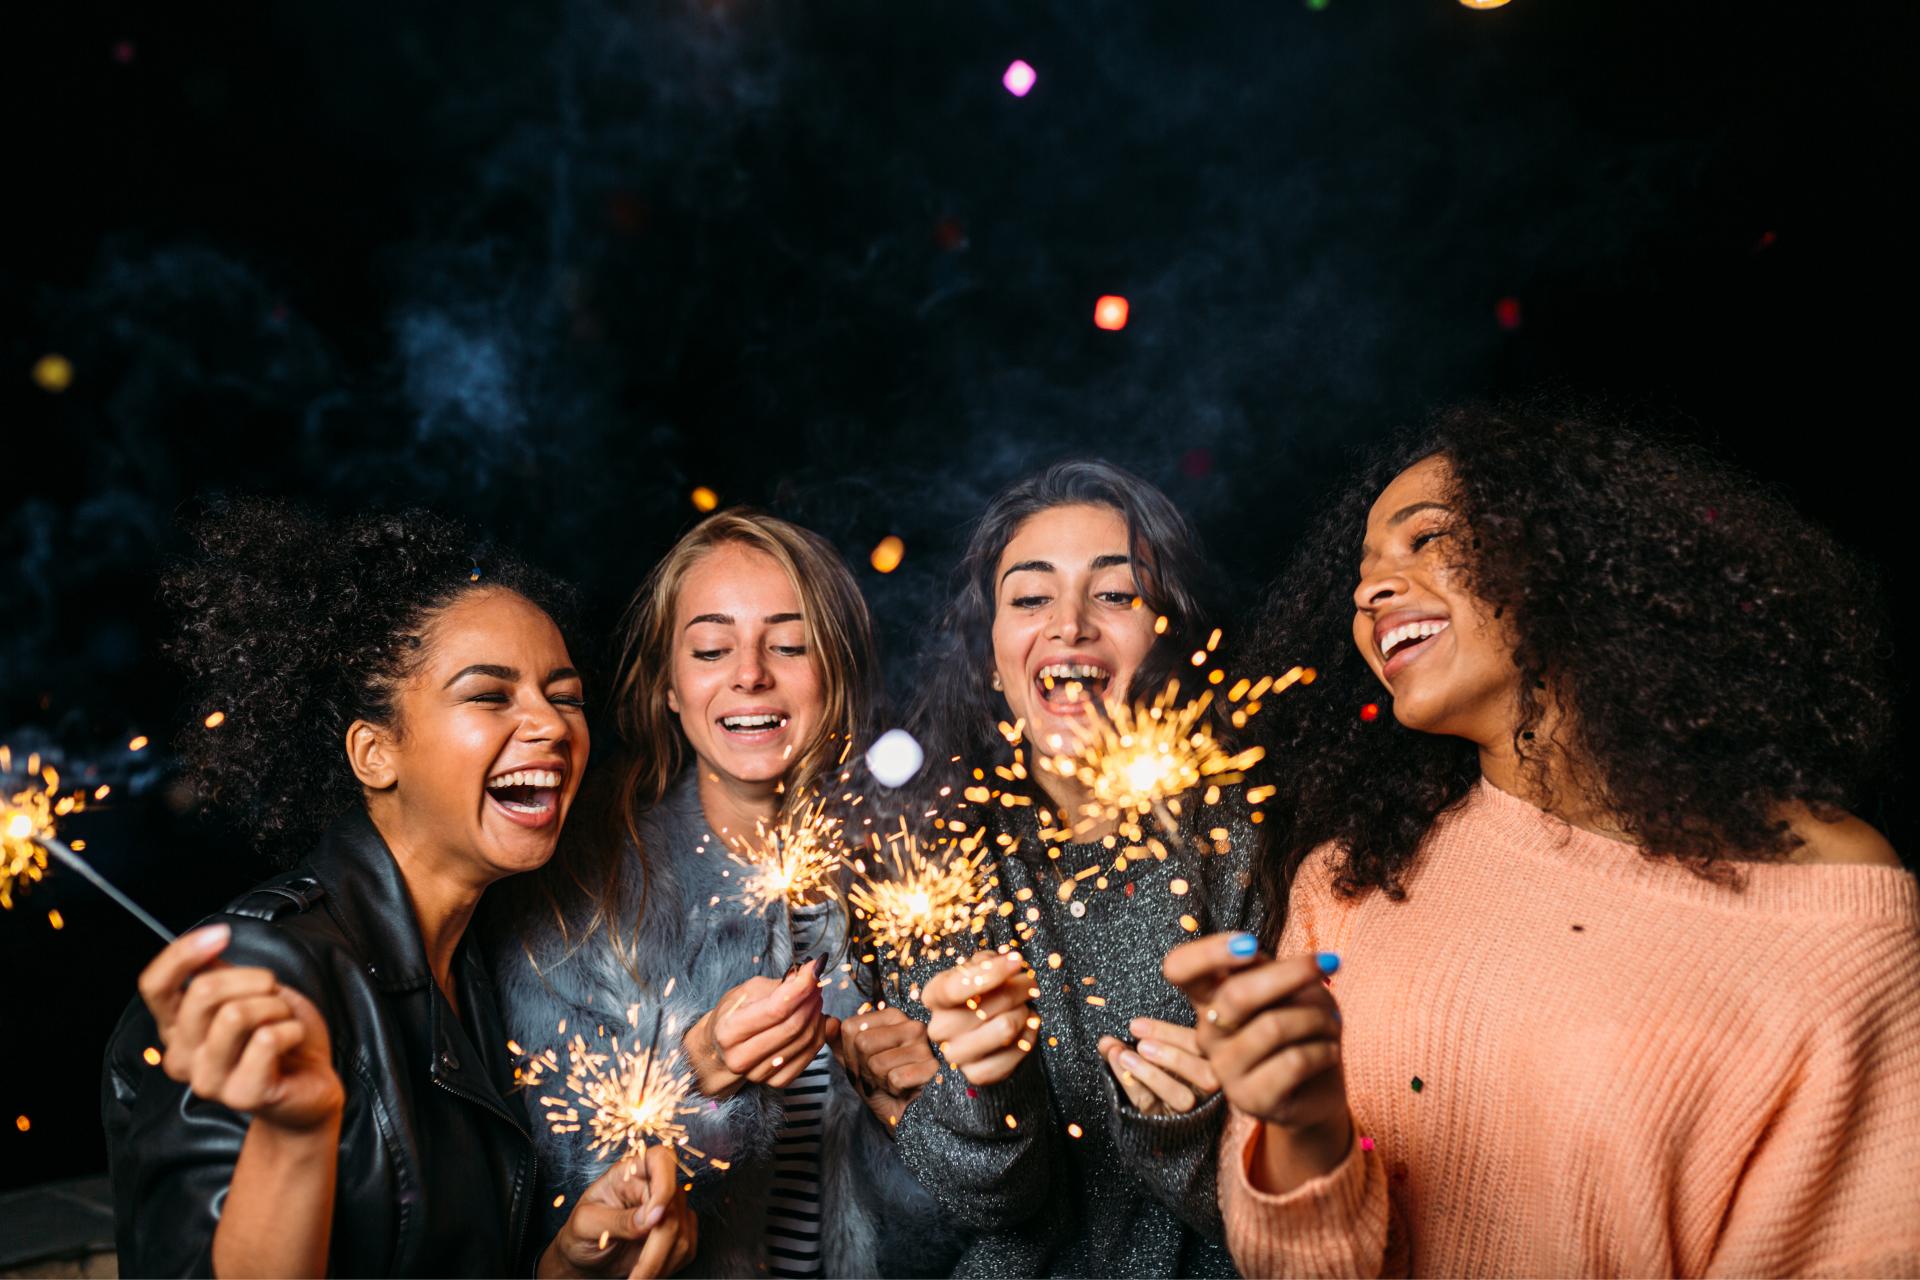 Idée soirée entre amis originale